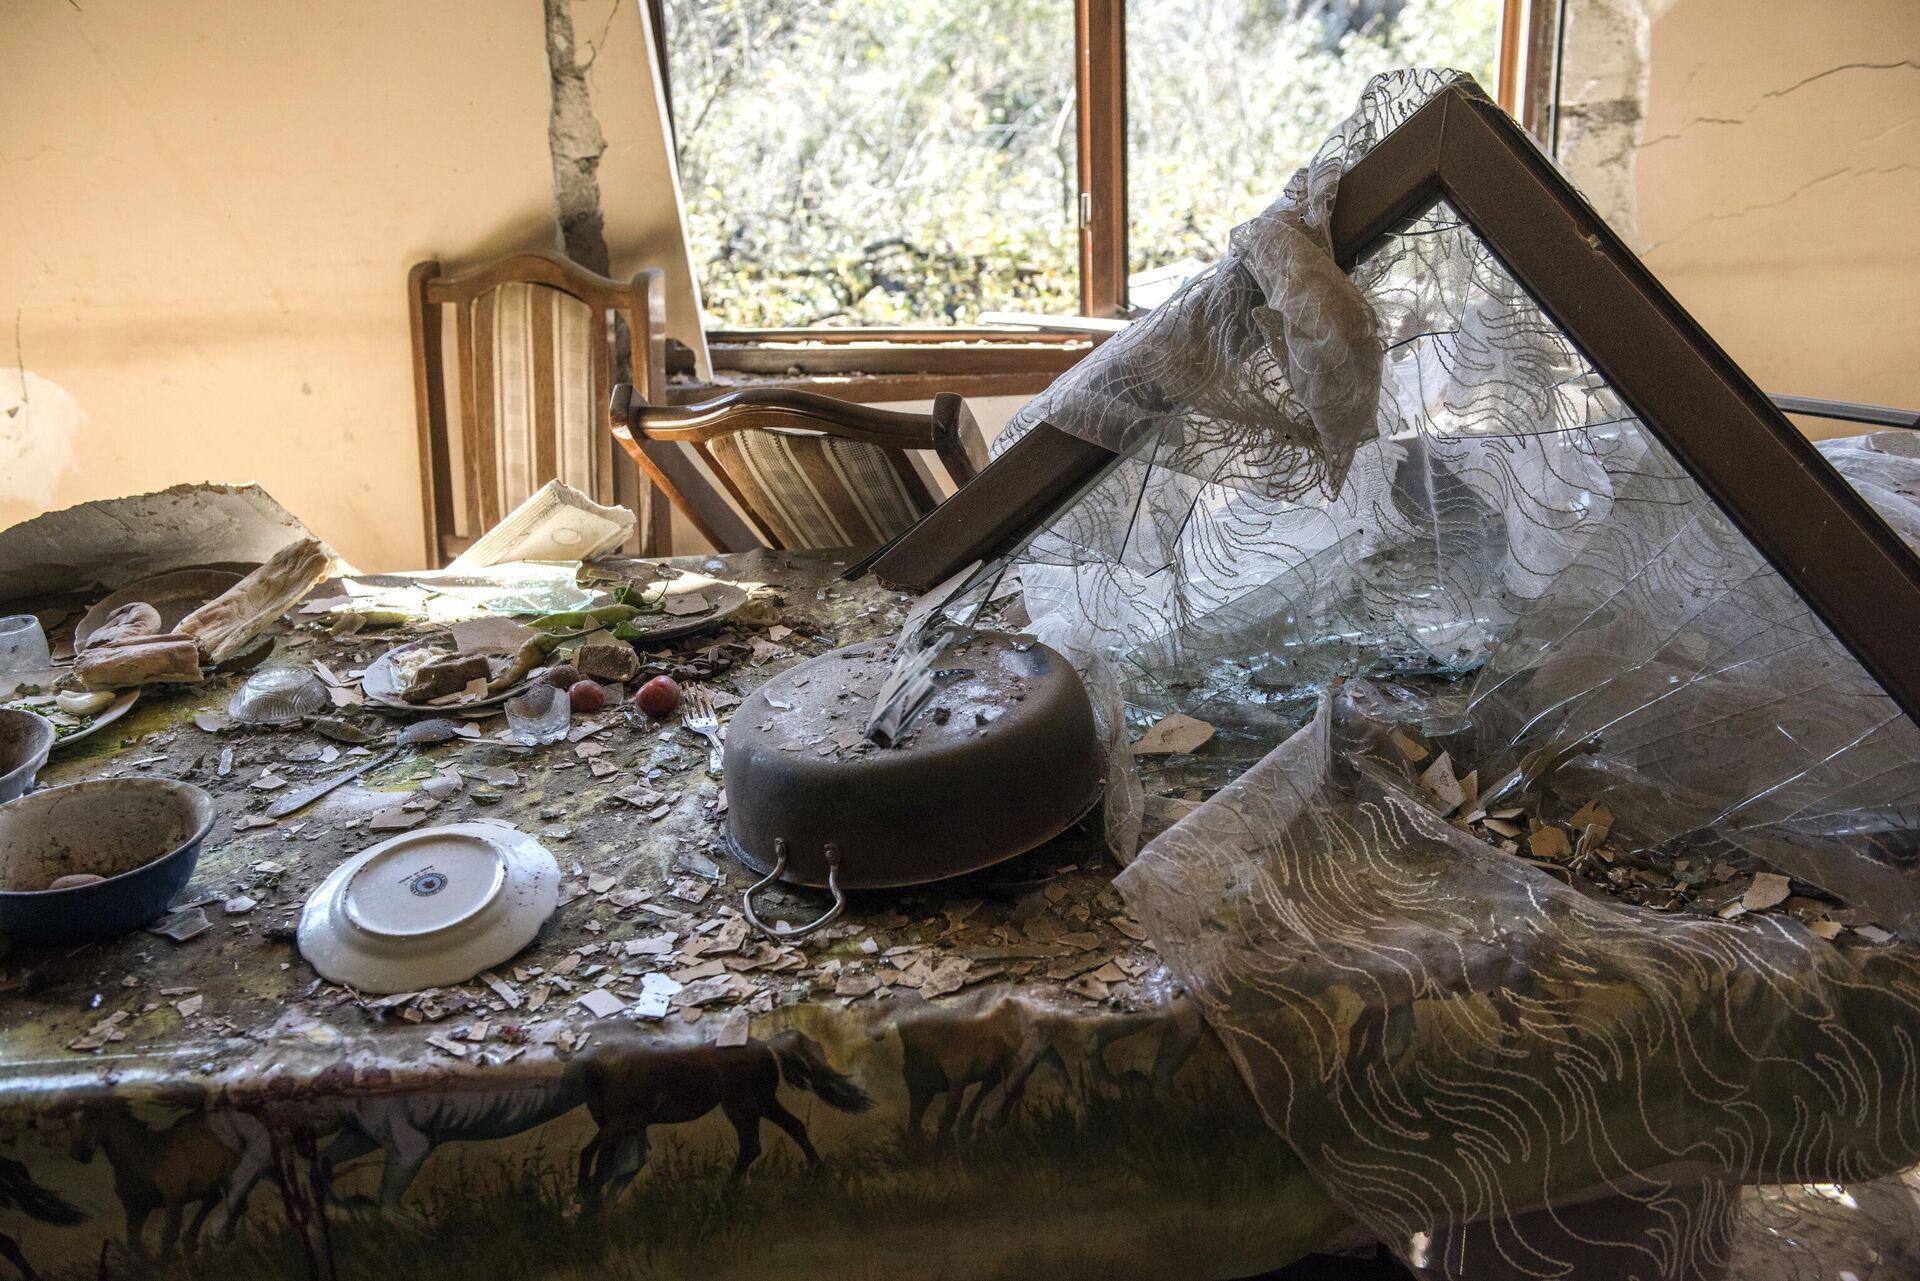 Дом, поврежденный в результате ракетного обстрела селения Шош - РИА Новости, 1920, 22.10.2020